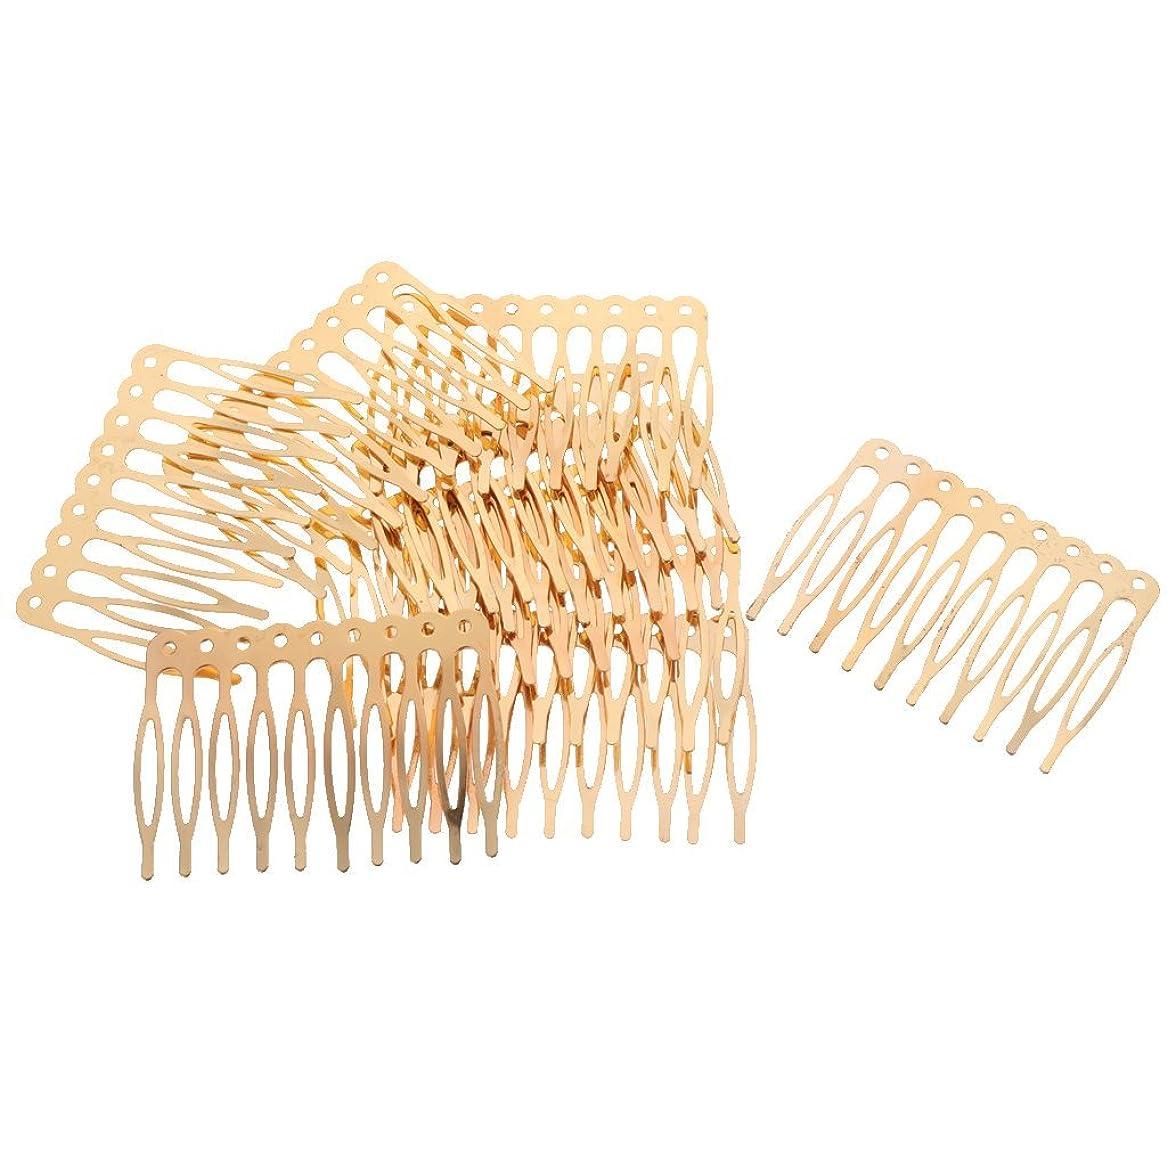 日の出疲れた多様体GUANG-HOME 女性用ゴールドシルバーブロンズプレーンメタル5本10本入り10本入りヘアコームクラフトクリエイティブコスチュームサプライDIY - ゴールド、5.6cm 10個